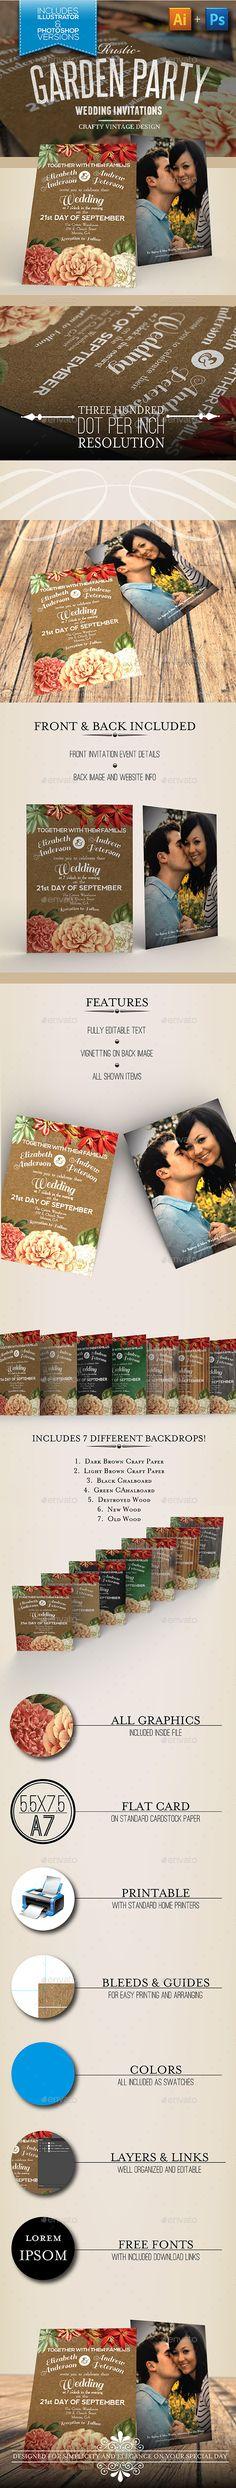 Rustic Garden Party Wedding Invitations - Weddings Cards & Invites